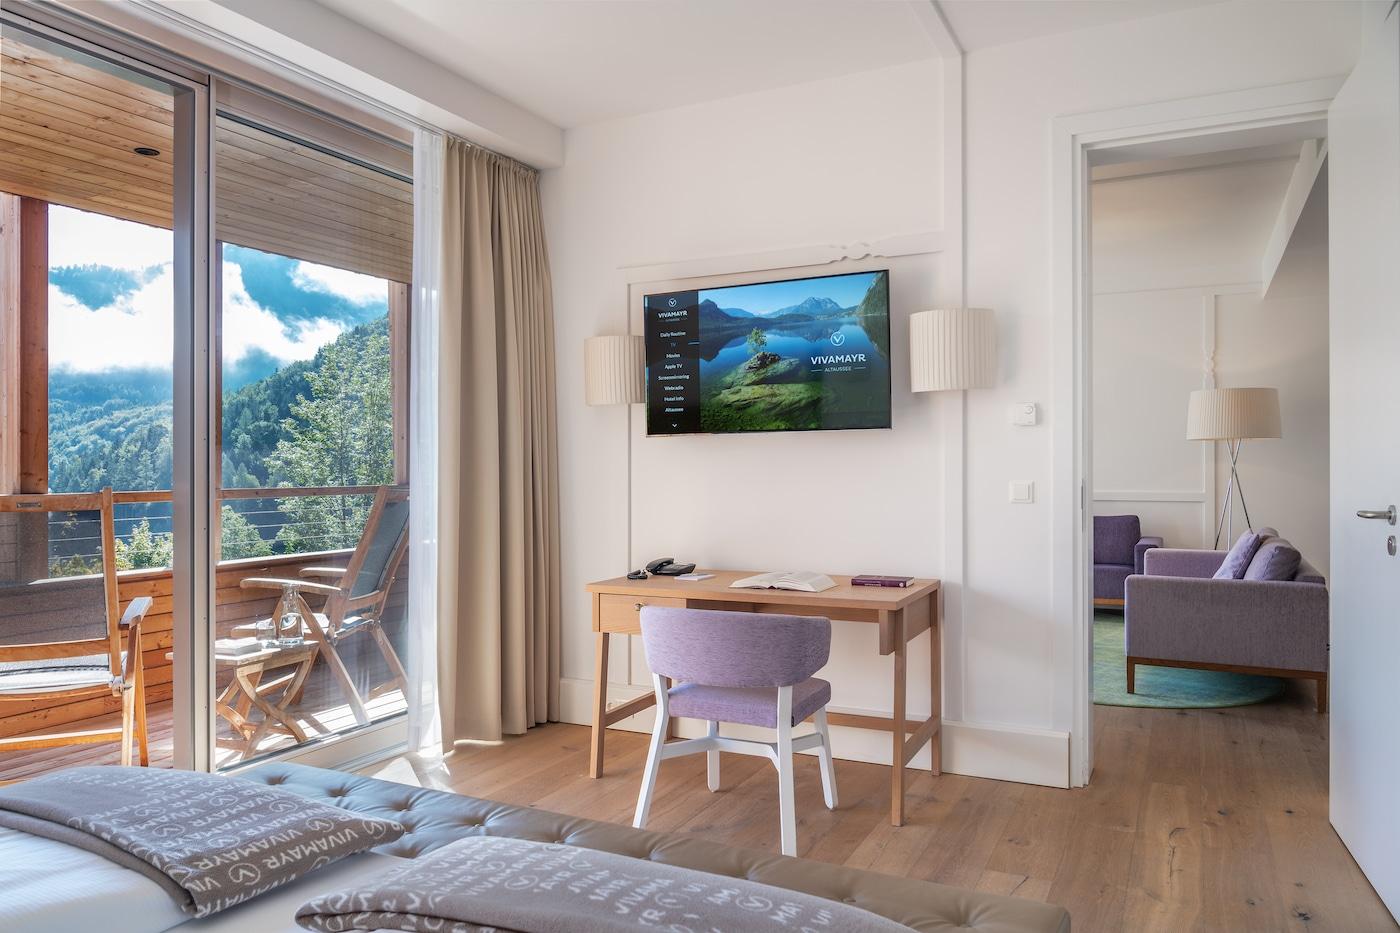 Senior Suite with lake view VIVAMAYR Altausee